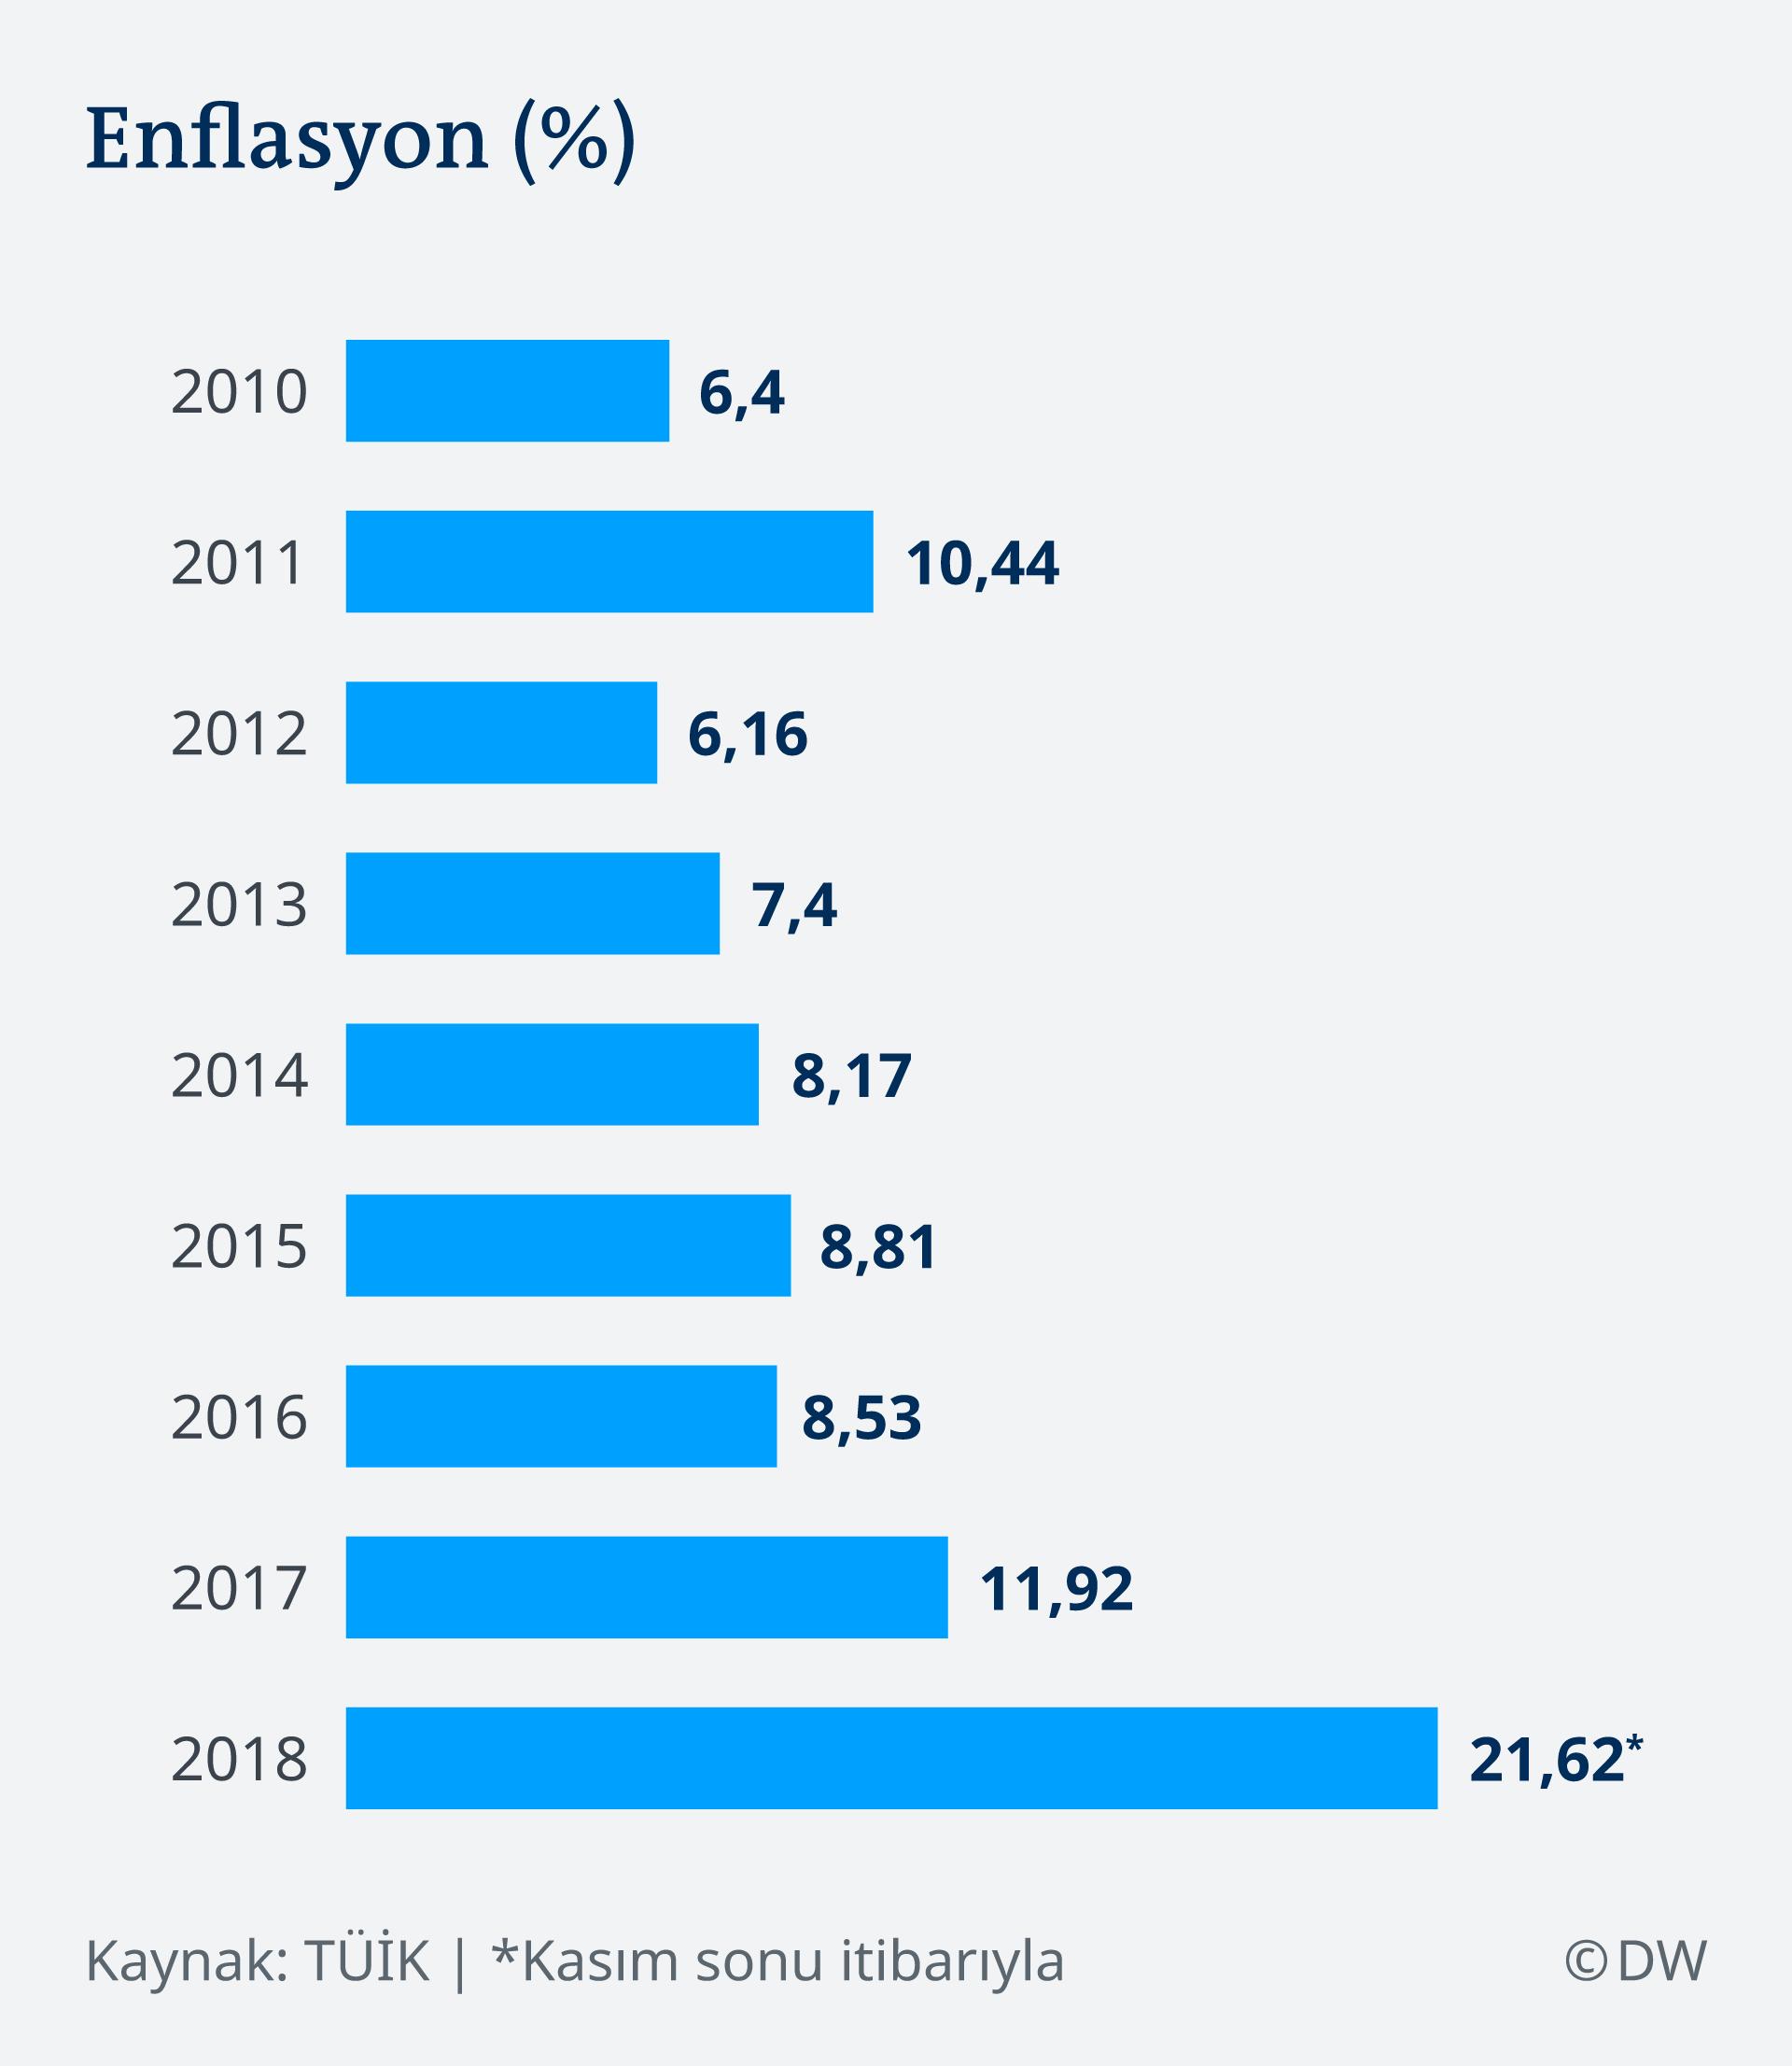 Enflasyondaki Düşüş Kalıcı Mı Türkiye Dw 03012019